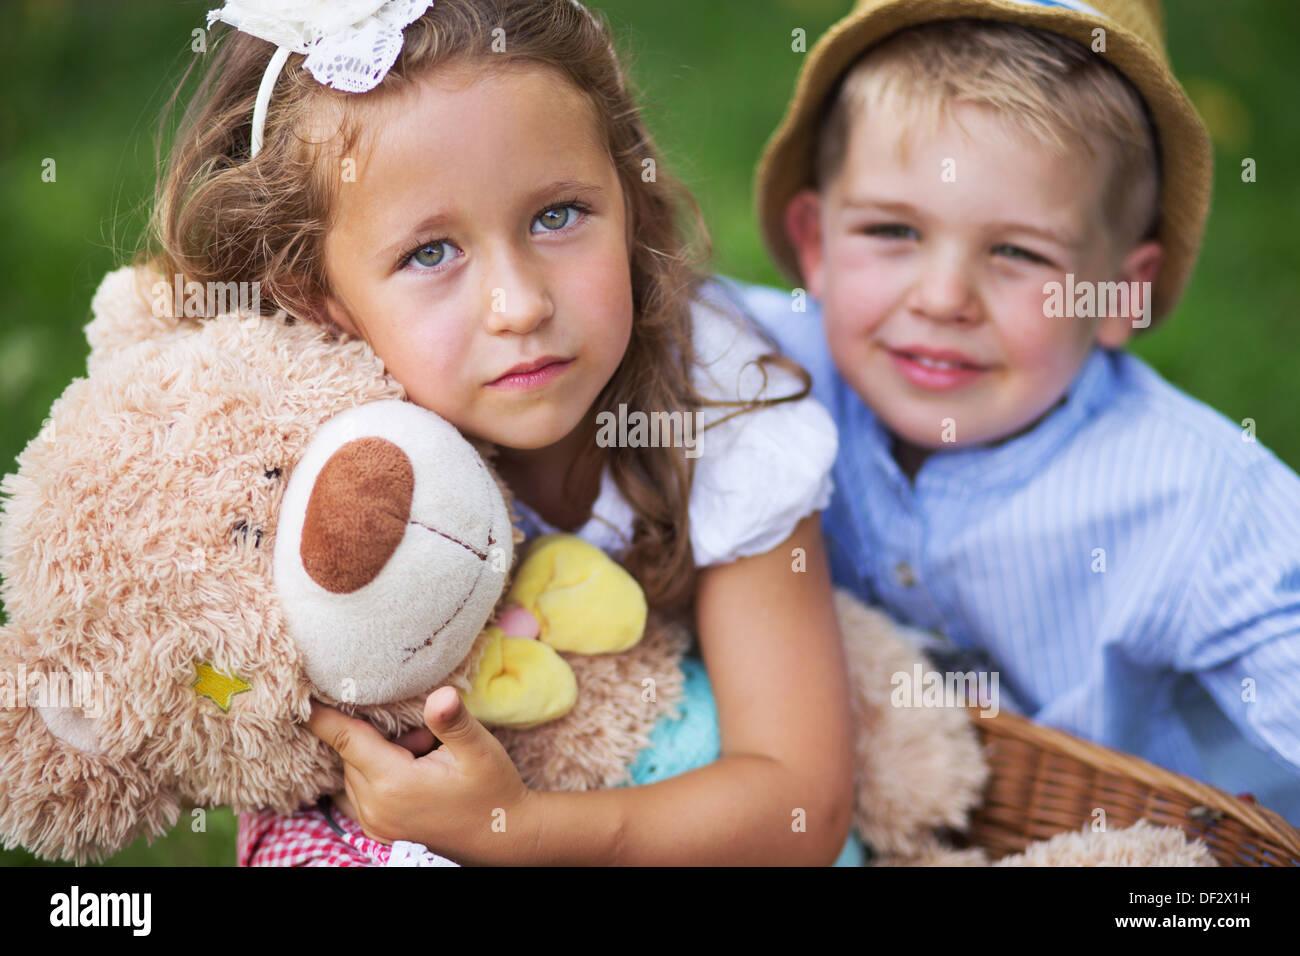 Froh, dass Kinder mit niedlichen Teddy Bär Spielzeug Stockbild